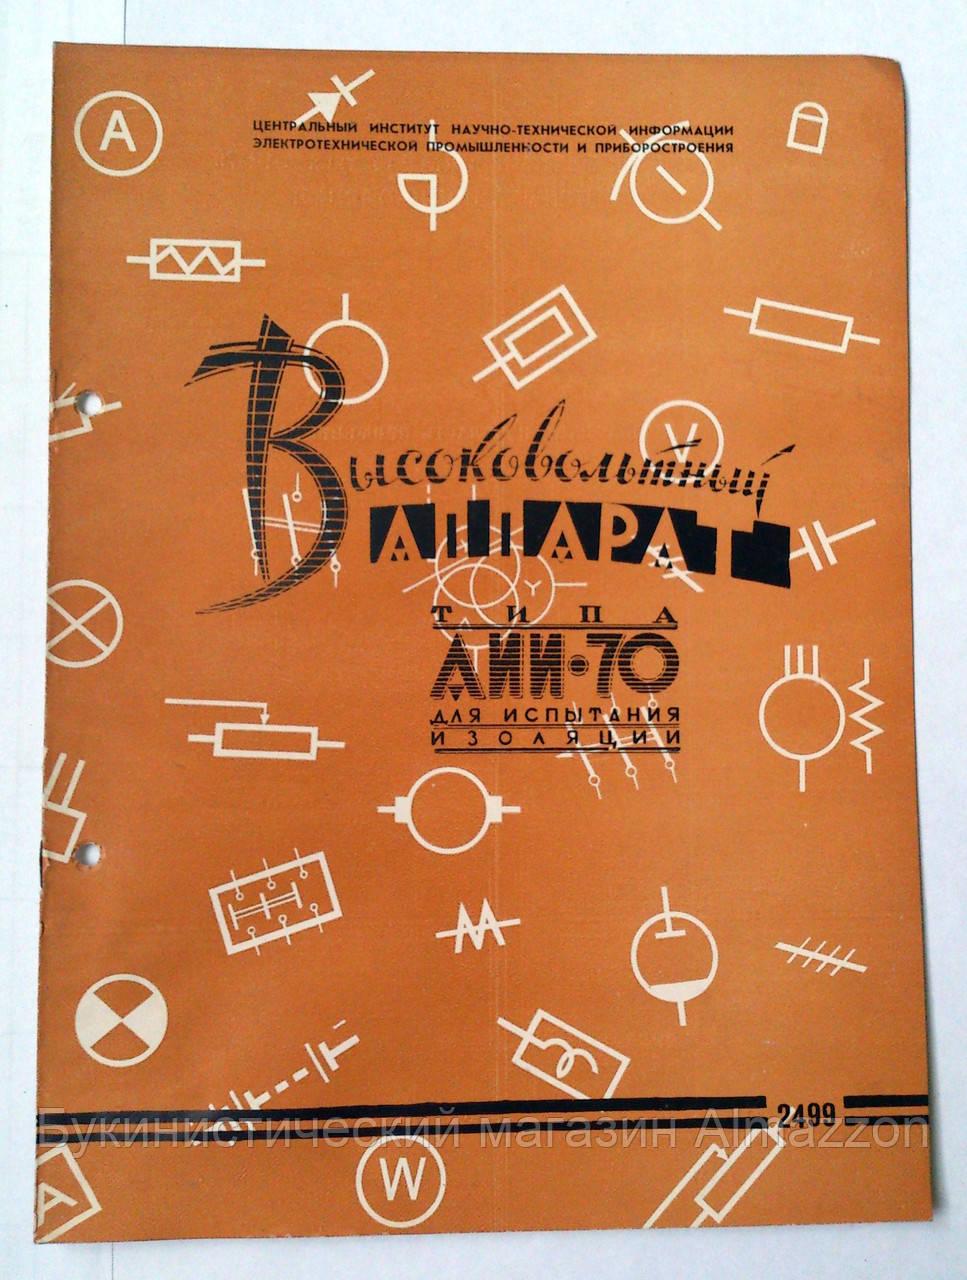 """Журнал (Бюллетень) ЦИНТИ """"Высоковольтный аппарат типа АИИ-70 для испытания изоляции"""" 1961 год"""